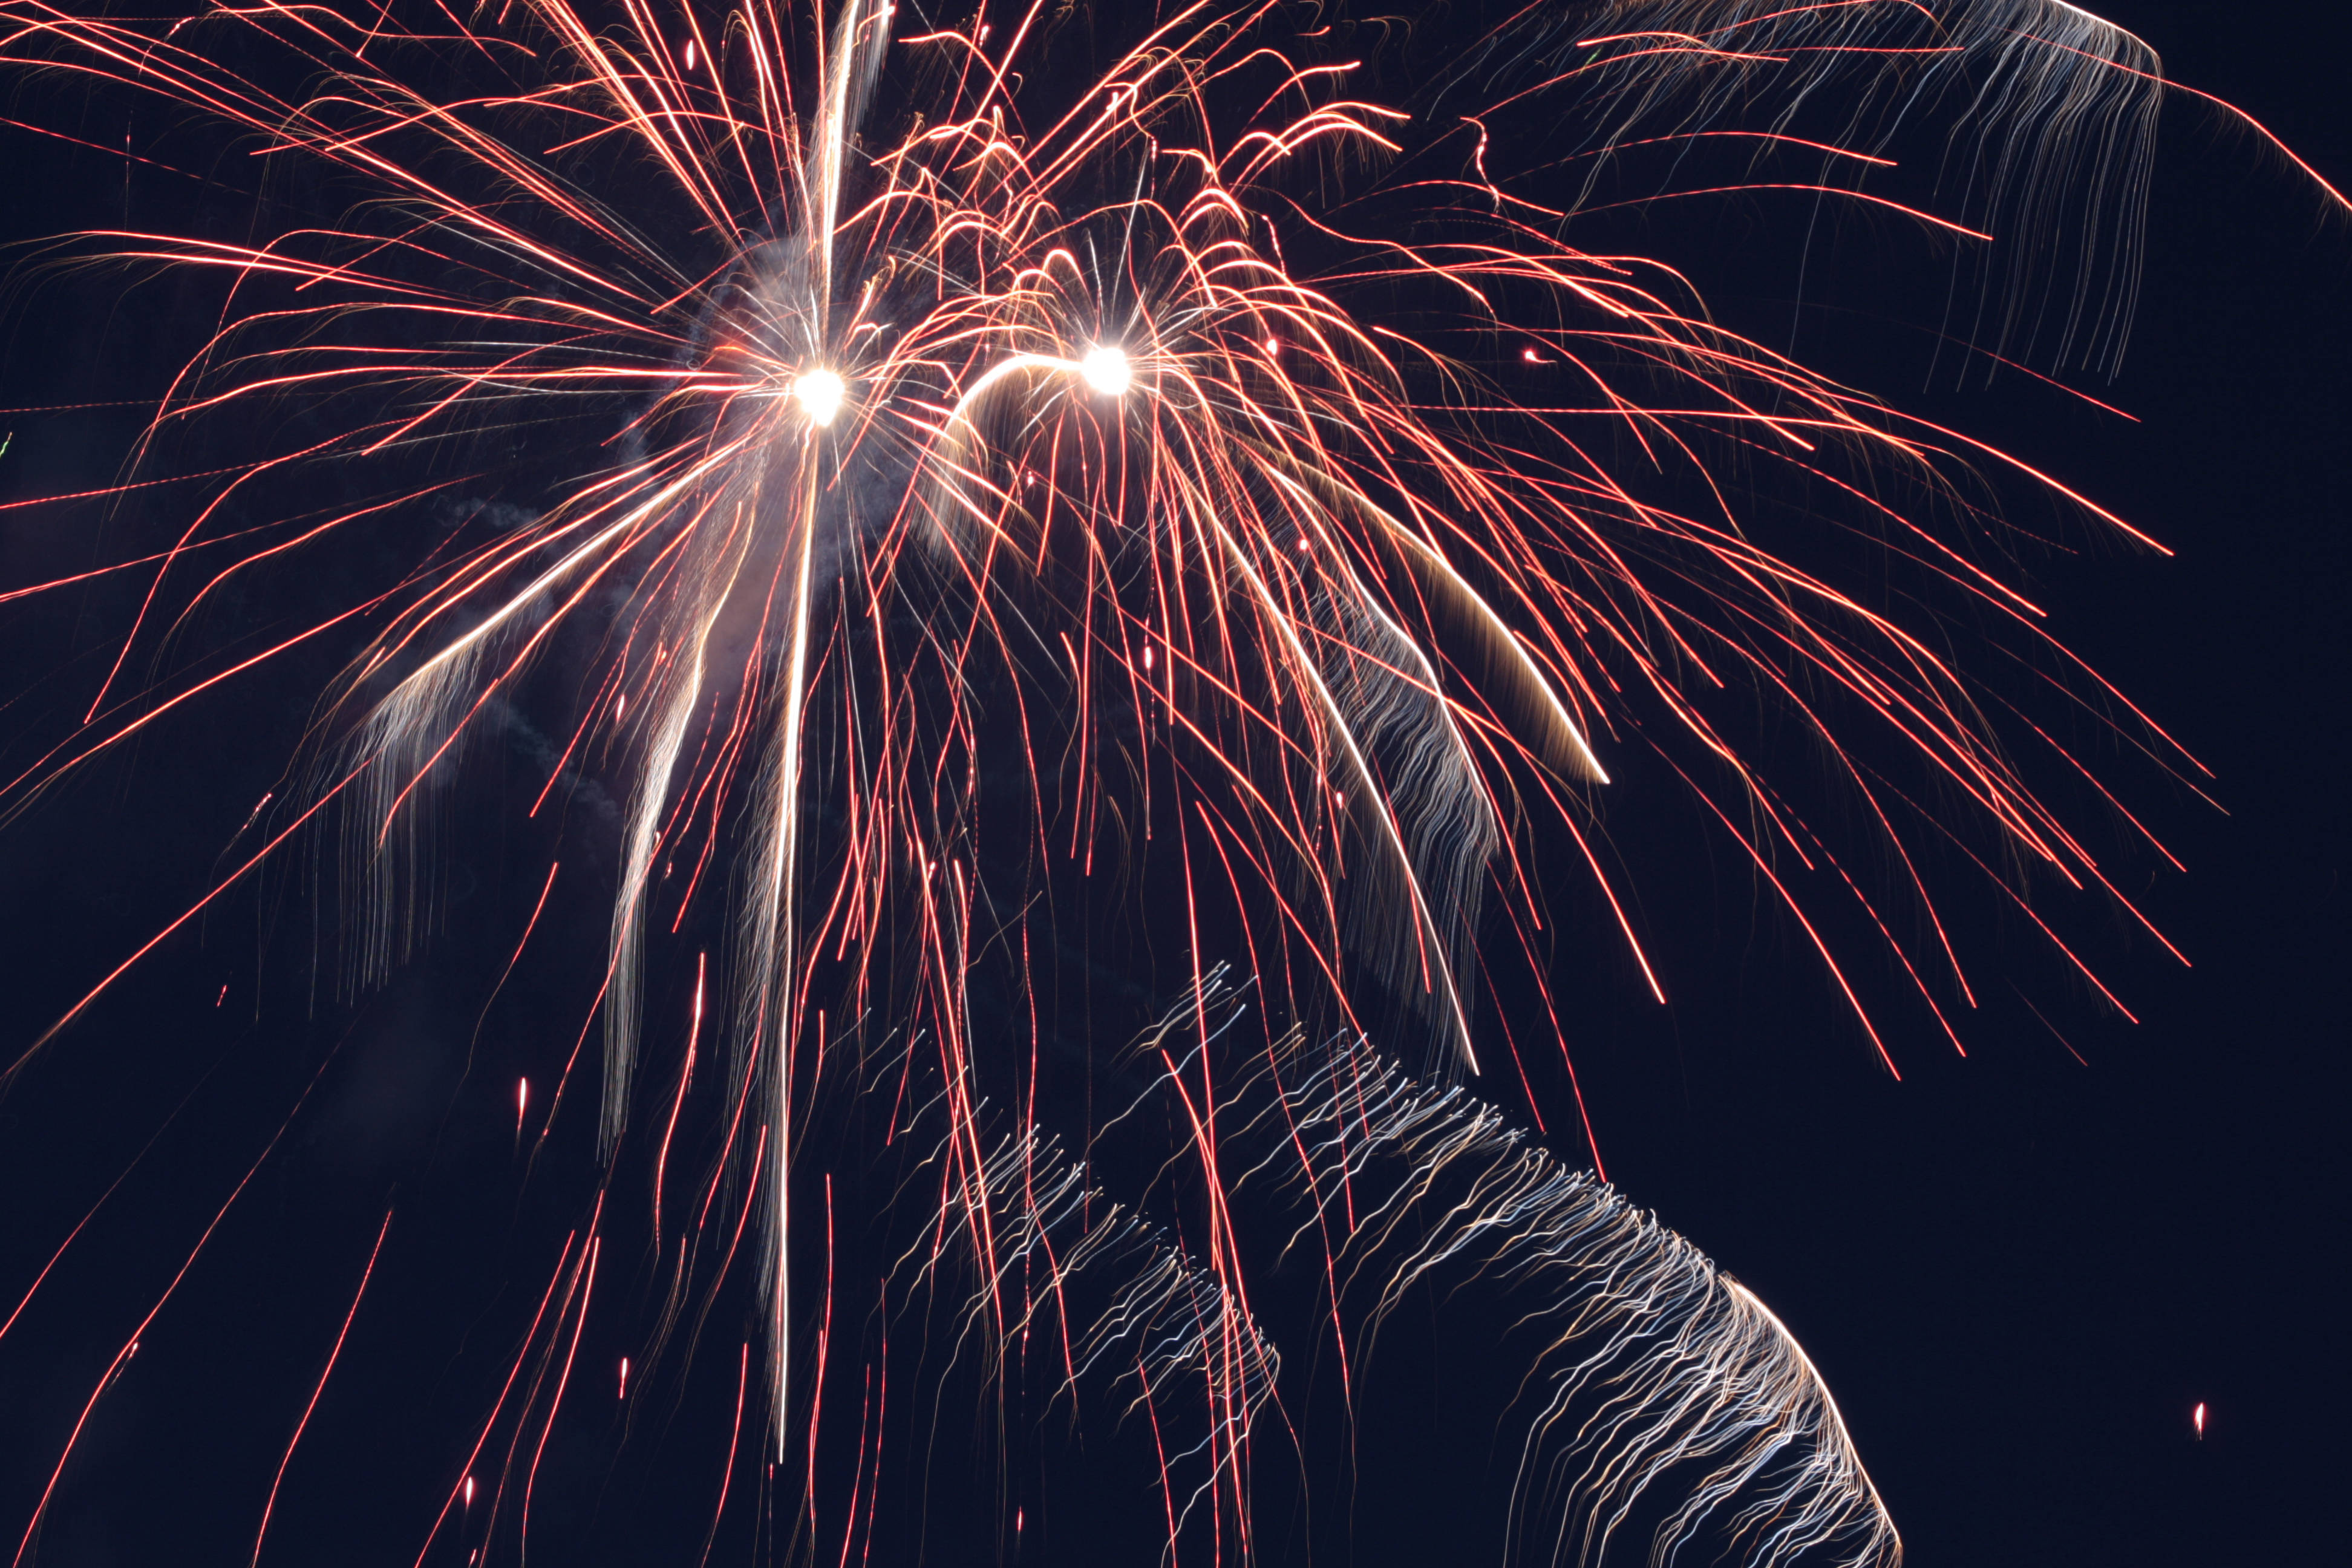 Ein Feuerwerk zum selber zünden können Sie bei Feuerwerk-Workshop während des gesamten Jahres erwerben.